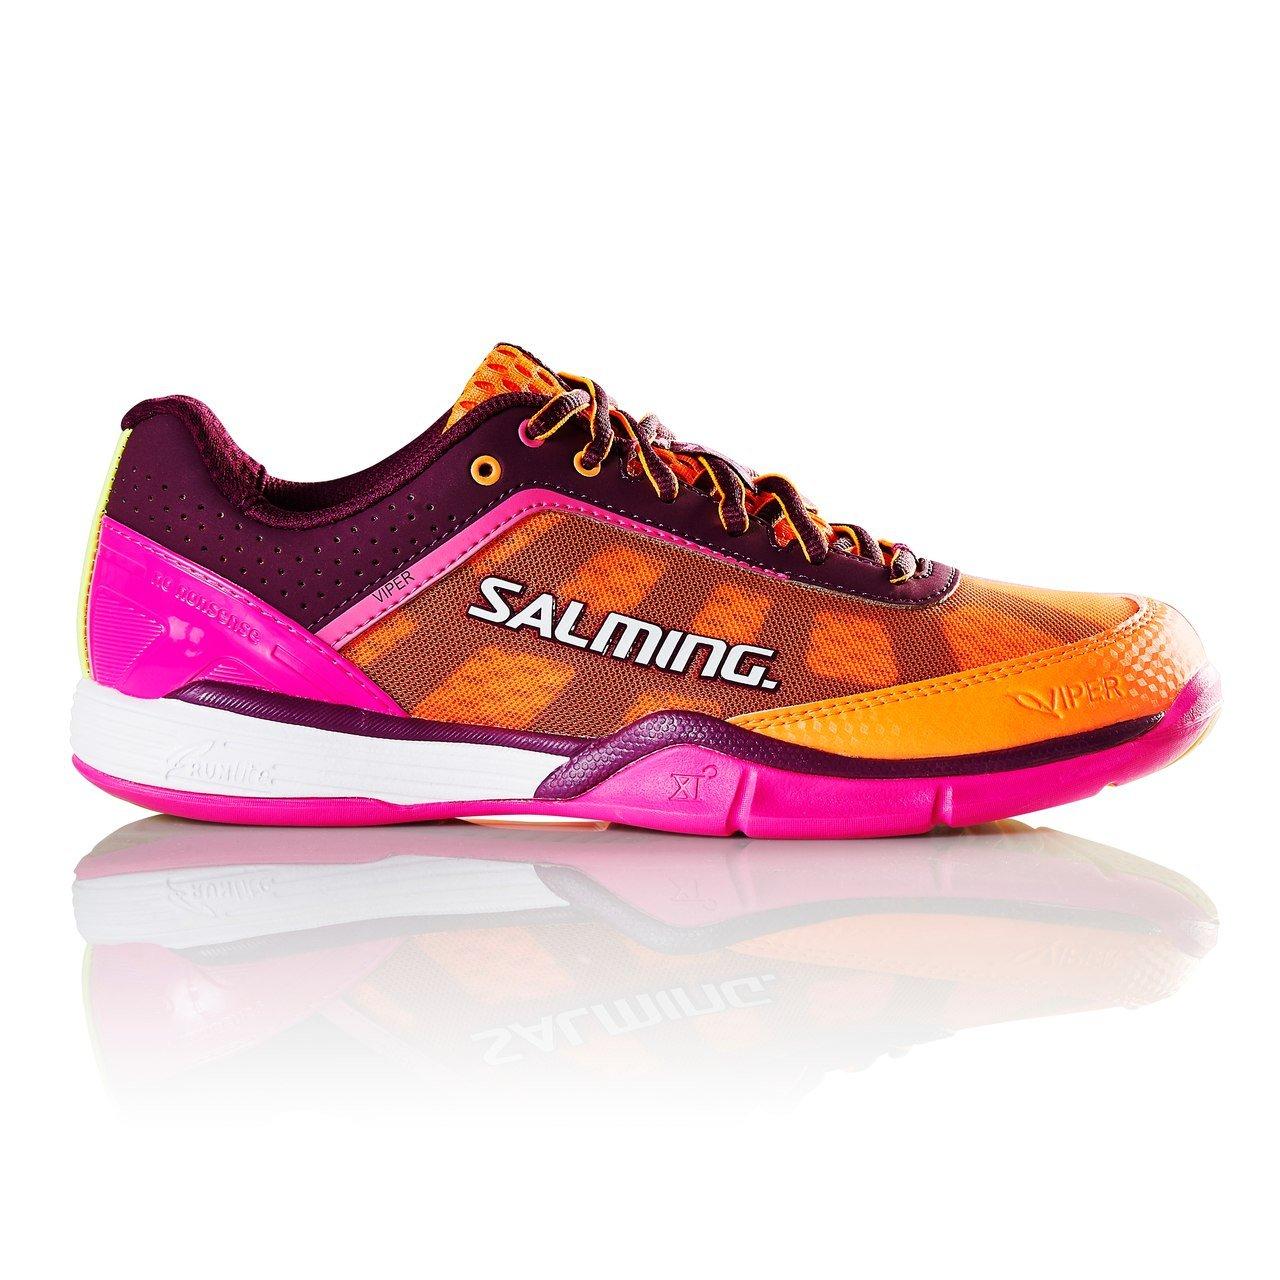 Salming Viper 4 Women's Indoor Court Shoe Purple/Orange (10)